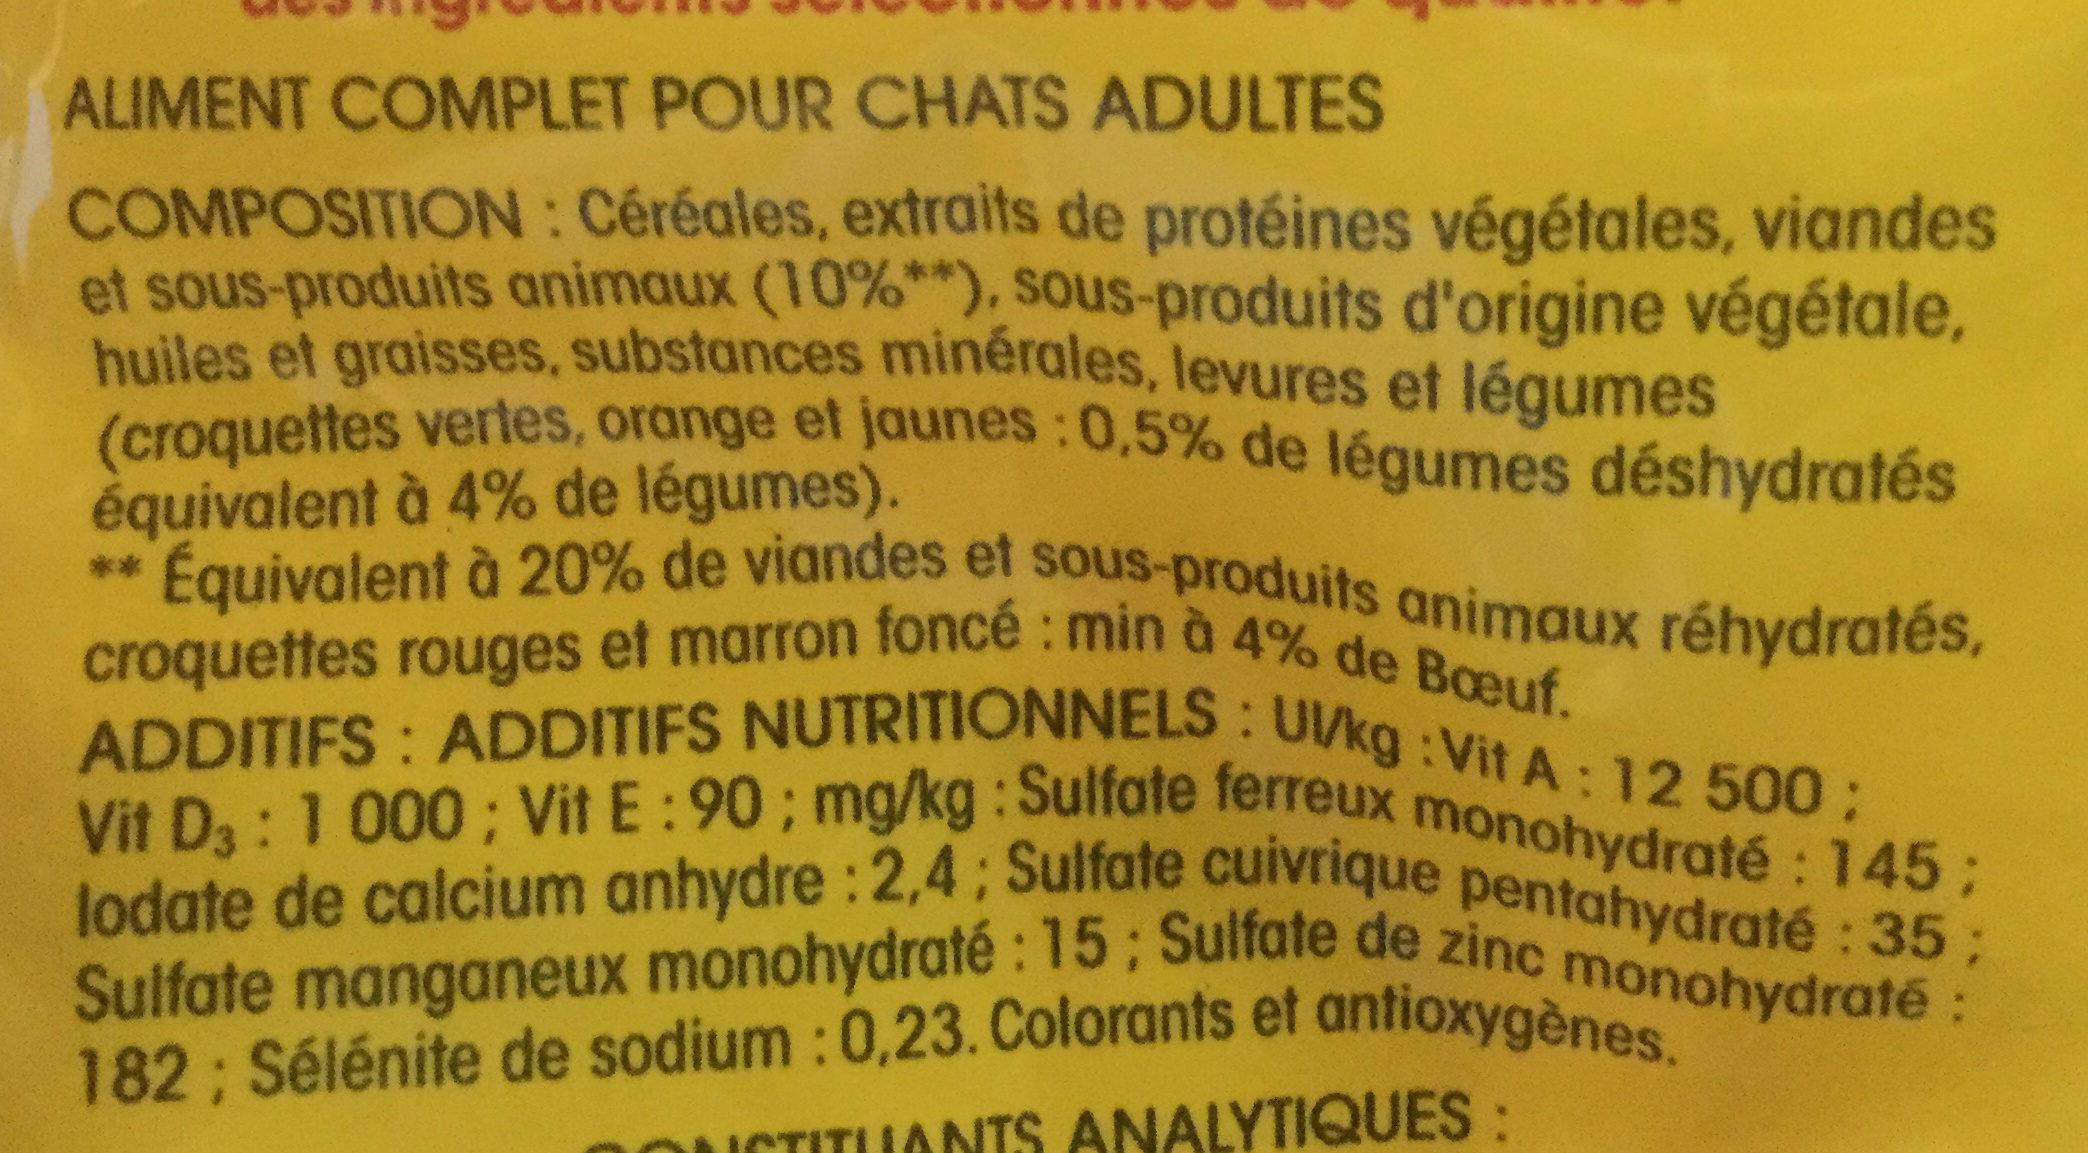 Chats stérilisés - au bœuf - Ingrédients